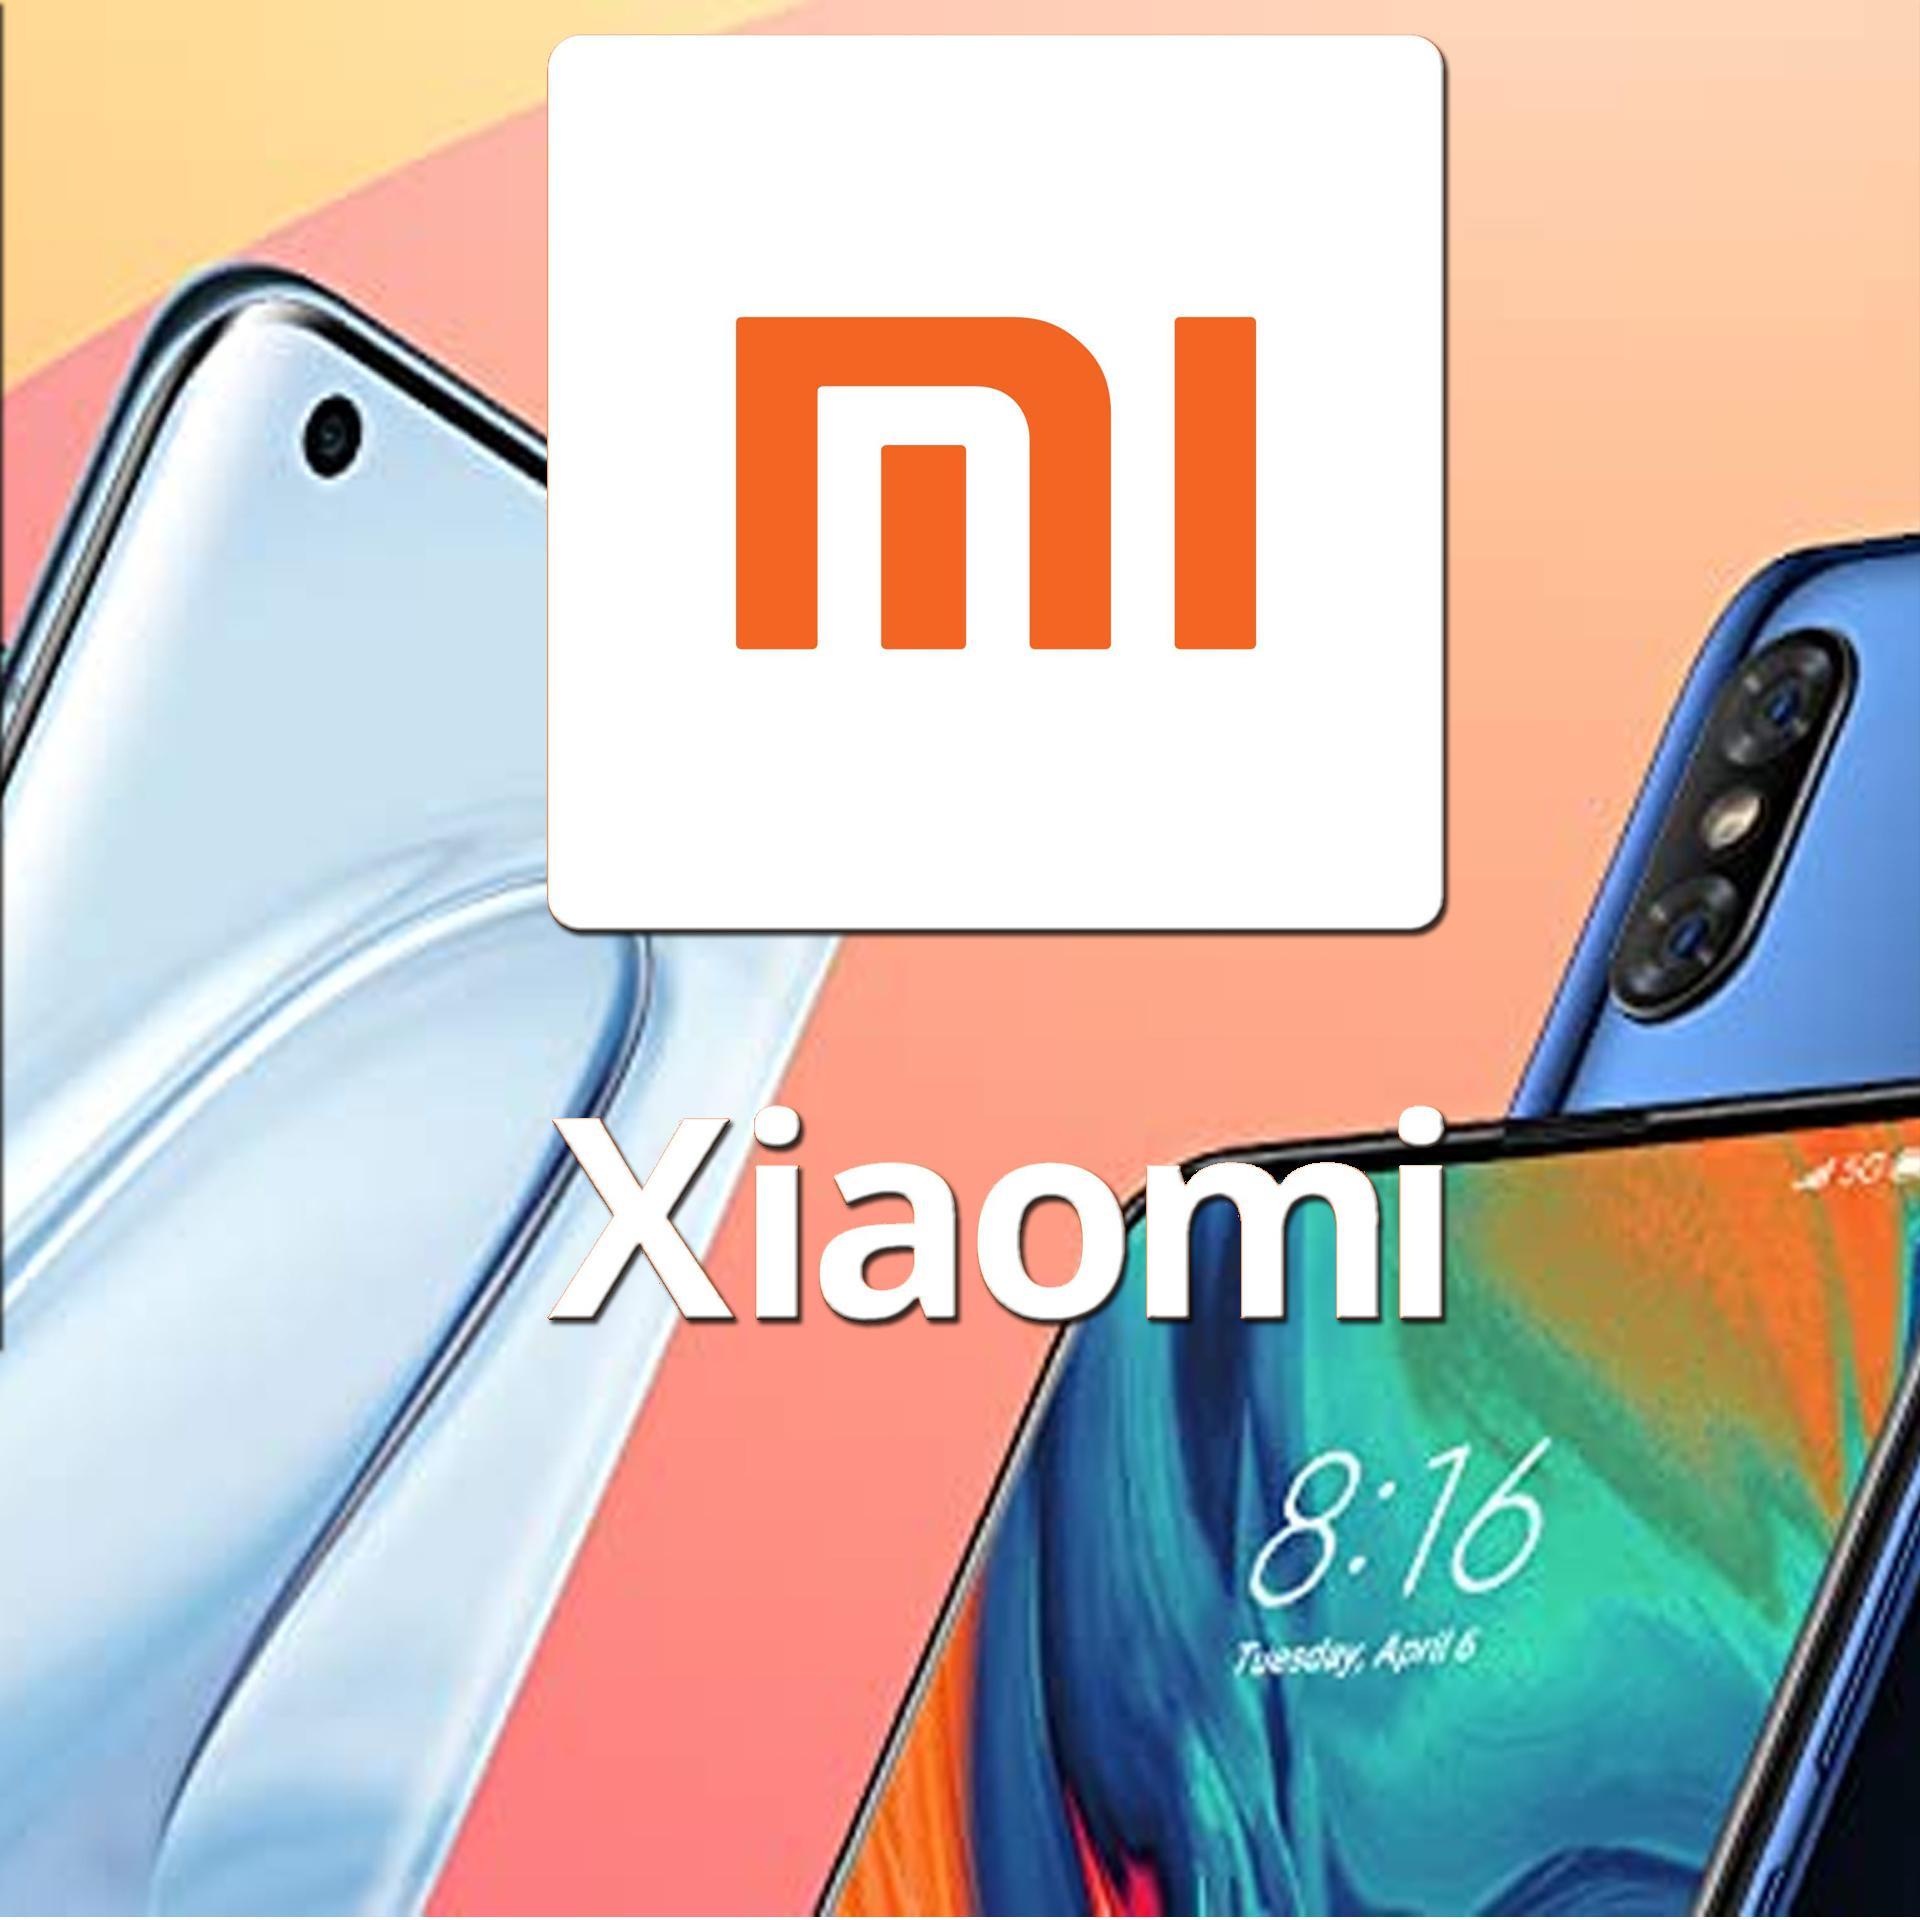 Prime Day Deals - Mi 10 £559 / Mi 10 Lite £259 / Redmi Note 9 Pro £216 / Redmi Note 9 £149 / Redmi 9 / Redmi 9A £79 @ Xiaomi UK - Amazon